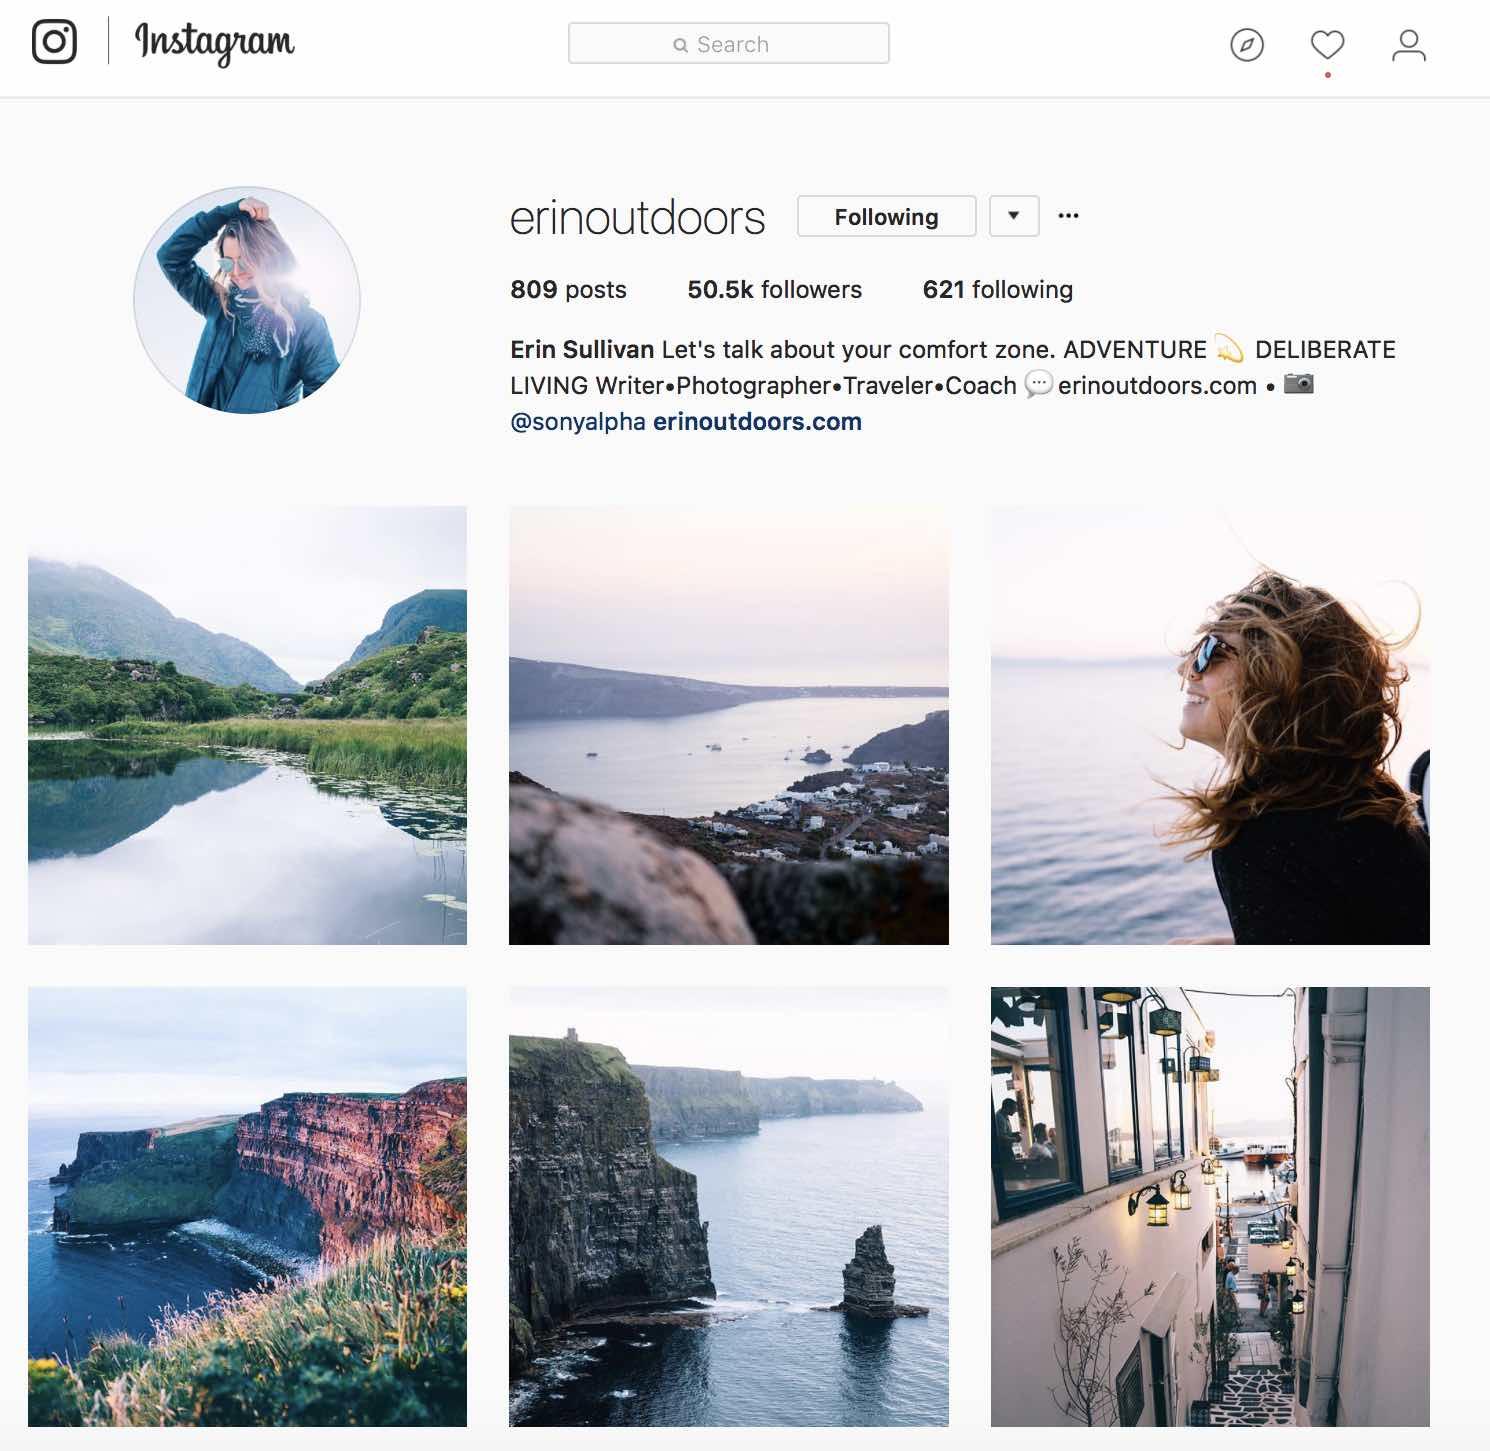 erin-outdoors-instagram